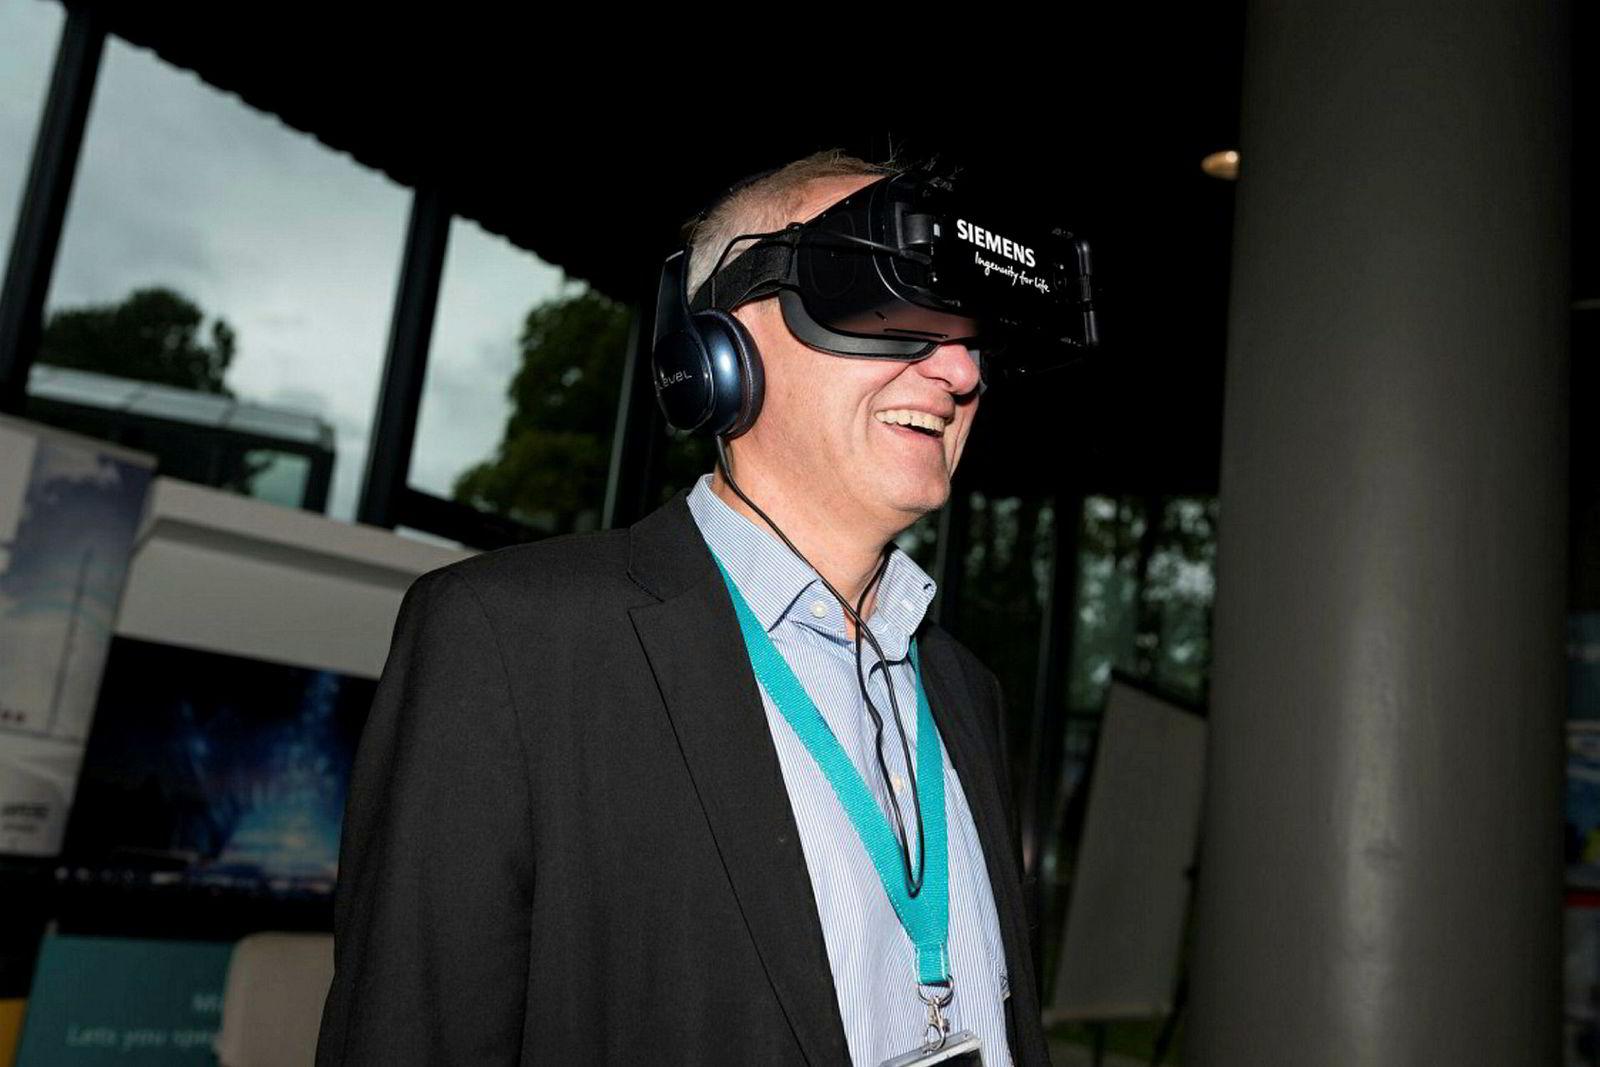 – Fremtiden er elektrisk og digital, også til havs, sier salgsdirektør Odd Moen i Siemens Marine som elektrifisere Norskekysten med batterier fra egen fabrikk.